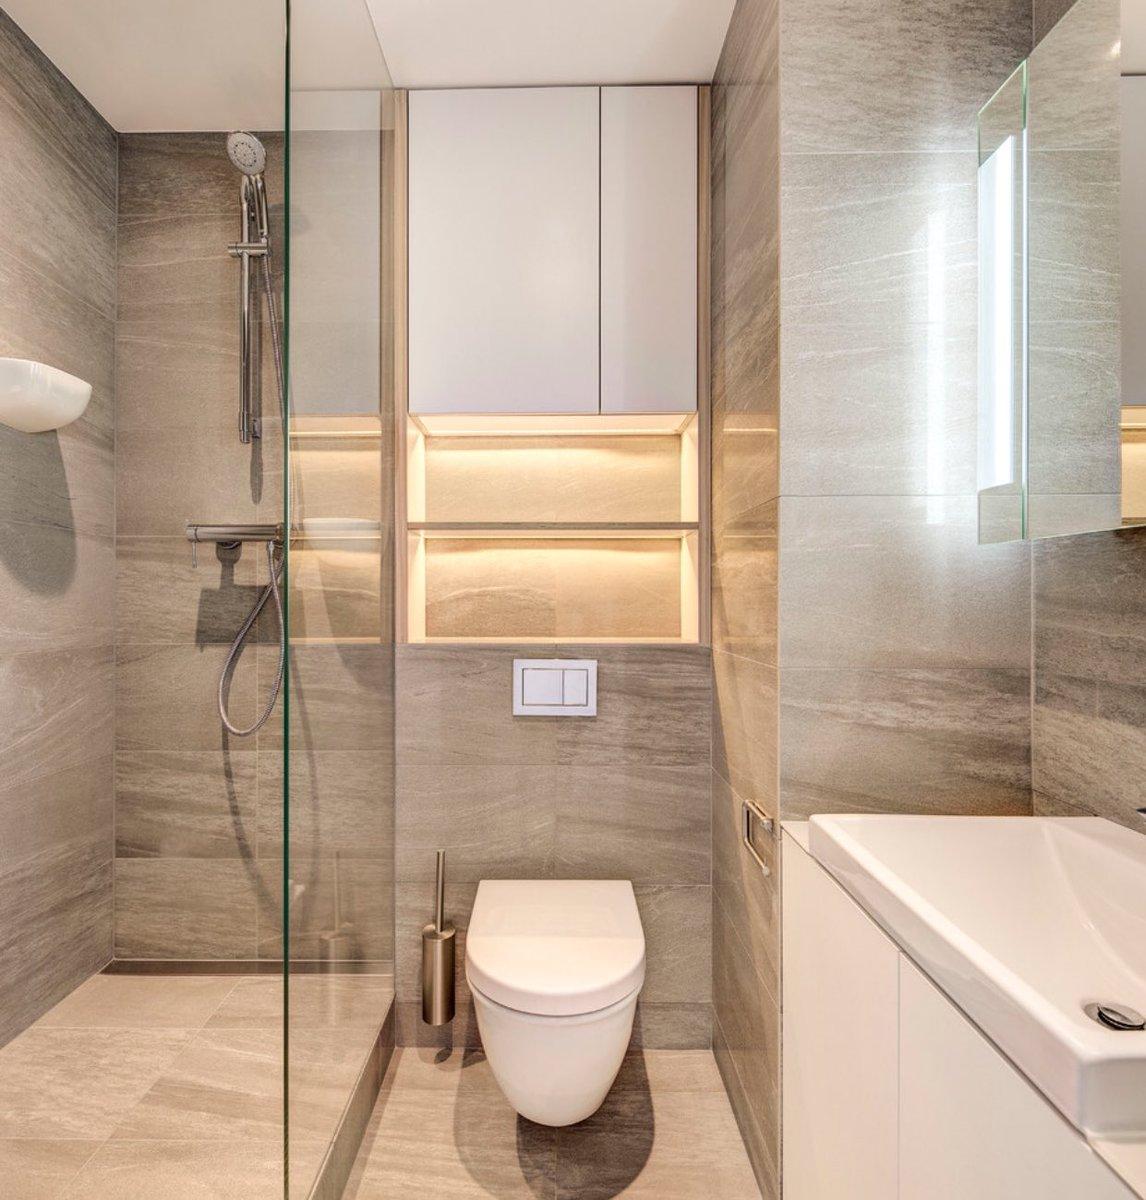 صورة تصاميم حمامات , شاهد احدث تصاميم الحمامات العصرية 1934 8